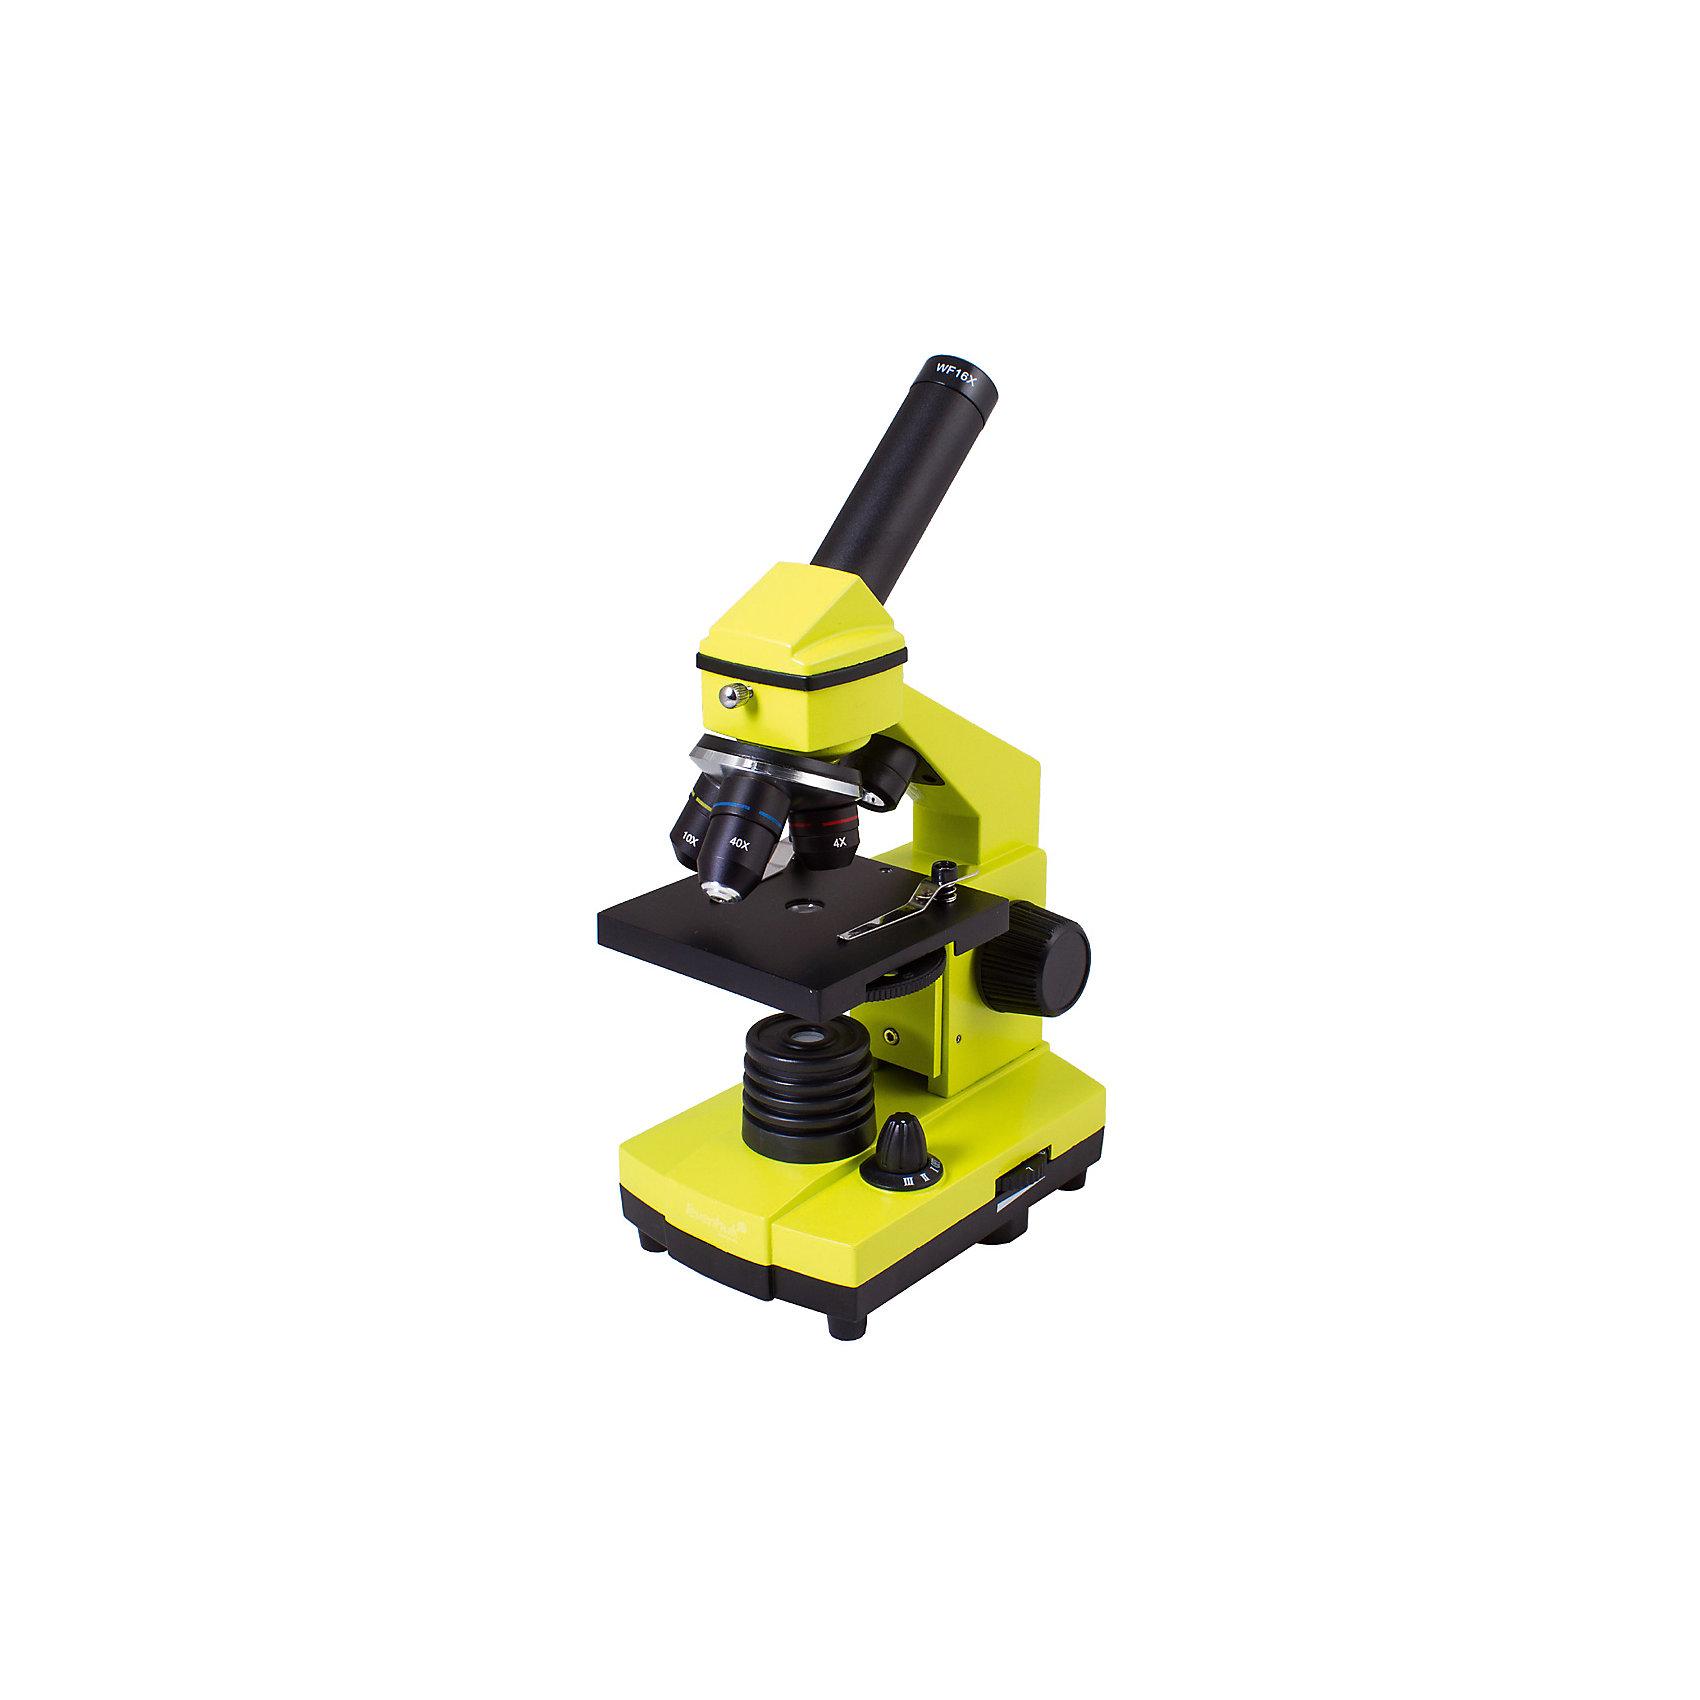 Микроскоп Levenhuk Rainbow 2L PLUS Lime\ЛаймМикроскопы<br>Характеристики товара:<br><br>• материал: металл, пластик<br>• увеличение: до 640 крат<br>• набор для опытов в комплекте<br>• прочный металлический корпус<br>• подсветка: светодиод<br>• лампа работает от батареек 3хАА<br>• комплектация: микроскоп, объективы: 4х, 10х и 40хs, окуляр: WF16x, Предметный столик с зажимами, диск с диафрагмами, конденсор, встроенные нижний и верхний осветители на светодиодах, сетевой адаптер (питание 220 В, 50 Гц), инструкция по эксплуатации и гарантийный талон, пинцет, инкубатор для артемии, микротом, флакон с дрожжами, флакон со смолой для изготовления препаратов, флакон с морской солью, флакон с артемией (морским рачком), 5 готовых образцов и 5 чистых предметных стекол, пипетка, пылезащитный чехол<br>• страна бренда: США<br>• страна производства: КНР<br><br>Собственный микроскоп - это отличный способ заинтересовать ребенка наукой и привить ему интерес к учебе. Эта модель микроскопа была разработана специально для детей - он позволяет увеличивать препарат в 640 крат, с помощью этого дети могут исследовать состав и структуру разнообразных предметов, веществ и организмов. Благодаря стильному дизайну этот микроскоп отлично вписывается в интерьер!<br><br>Оптические приборы от американской компании Levenhuk уже успели зарекомендовать себя как качественная и надежная продукция. Для их производства используются только безопасные и проверенные материалы. Такой прибор способен прослужить долго. Подарите ребенку интересную и полезную вещь!<br><br>Микроскоп Levenhuk Rainbow 2L PLUS Lime\Лайм от известного бренда Levenhuk (Левенгук) можно купить в нашем интернет-магазине.<br><br>Ширина мм: 230<br>Глубина мм: 150<br>Высота мм: 370<br>Вес г: 1840<br>Возраст от месяцев: 60<br>Возраст до месяцев: 2147483647<br>Пол: Унисекс<br>Возраст: Детский<br>SKU: 5435277